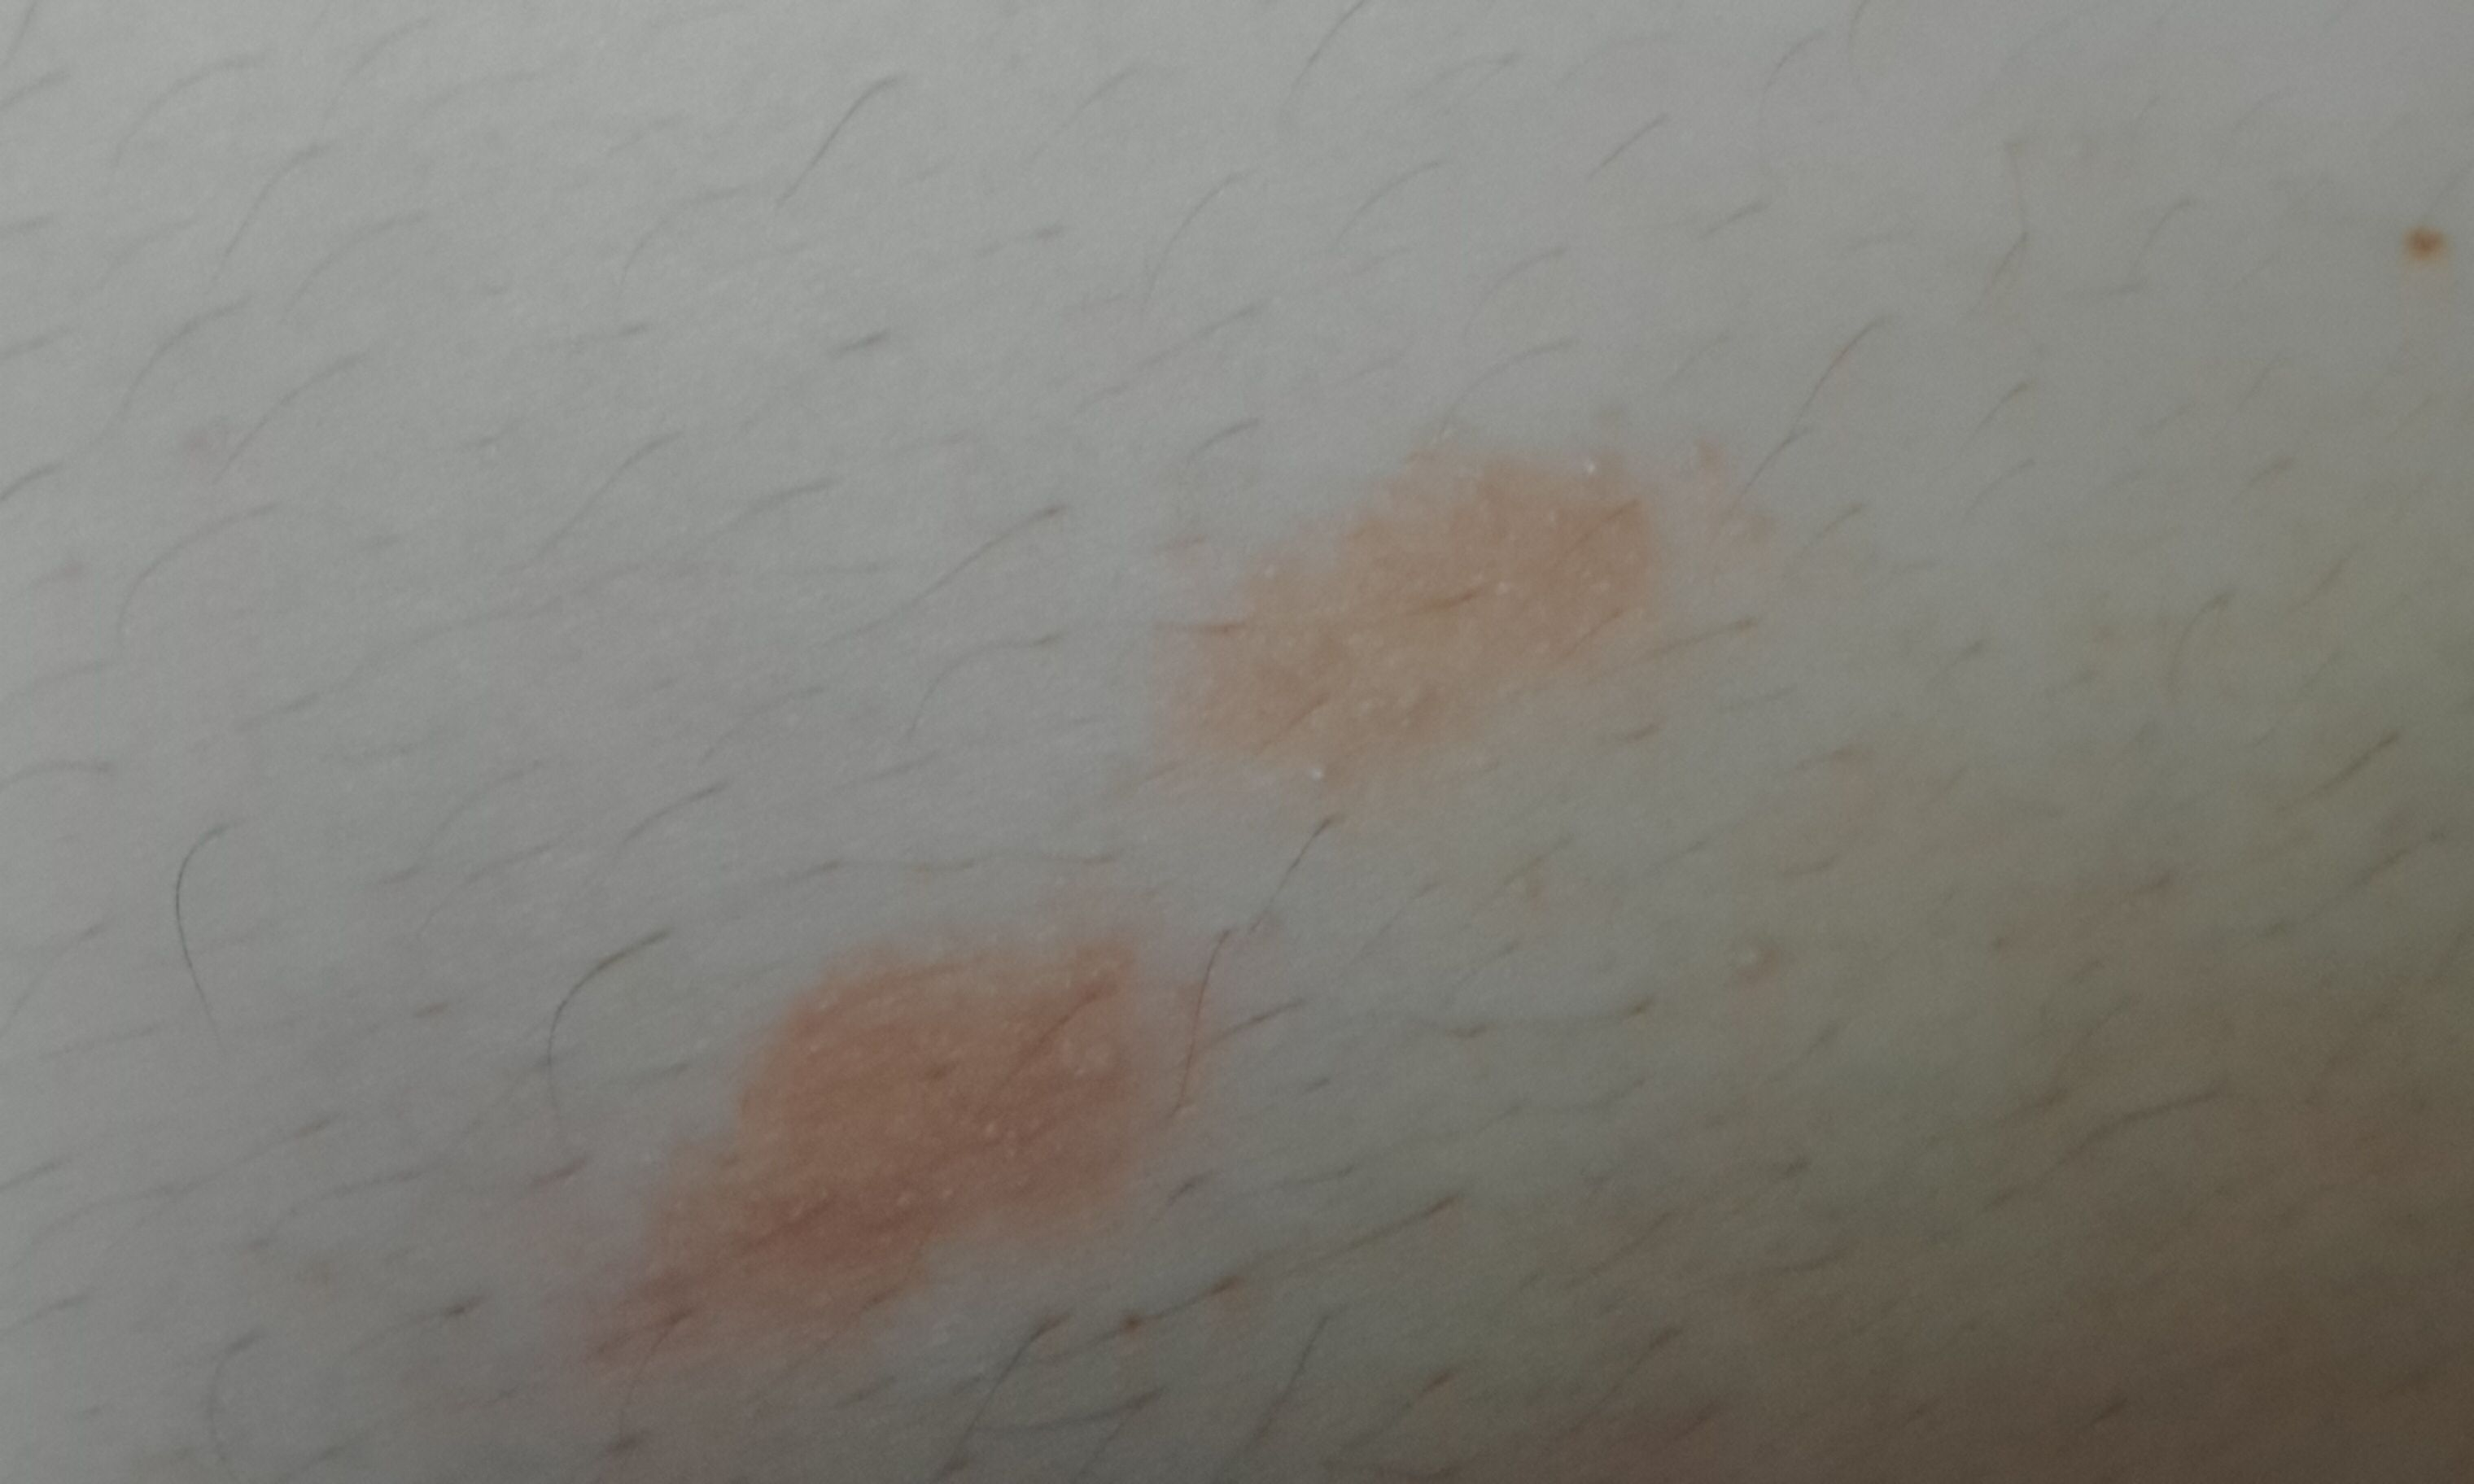 艾丝病早期图片_... 的红斑 艾滋病早期红斑图片